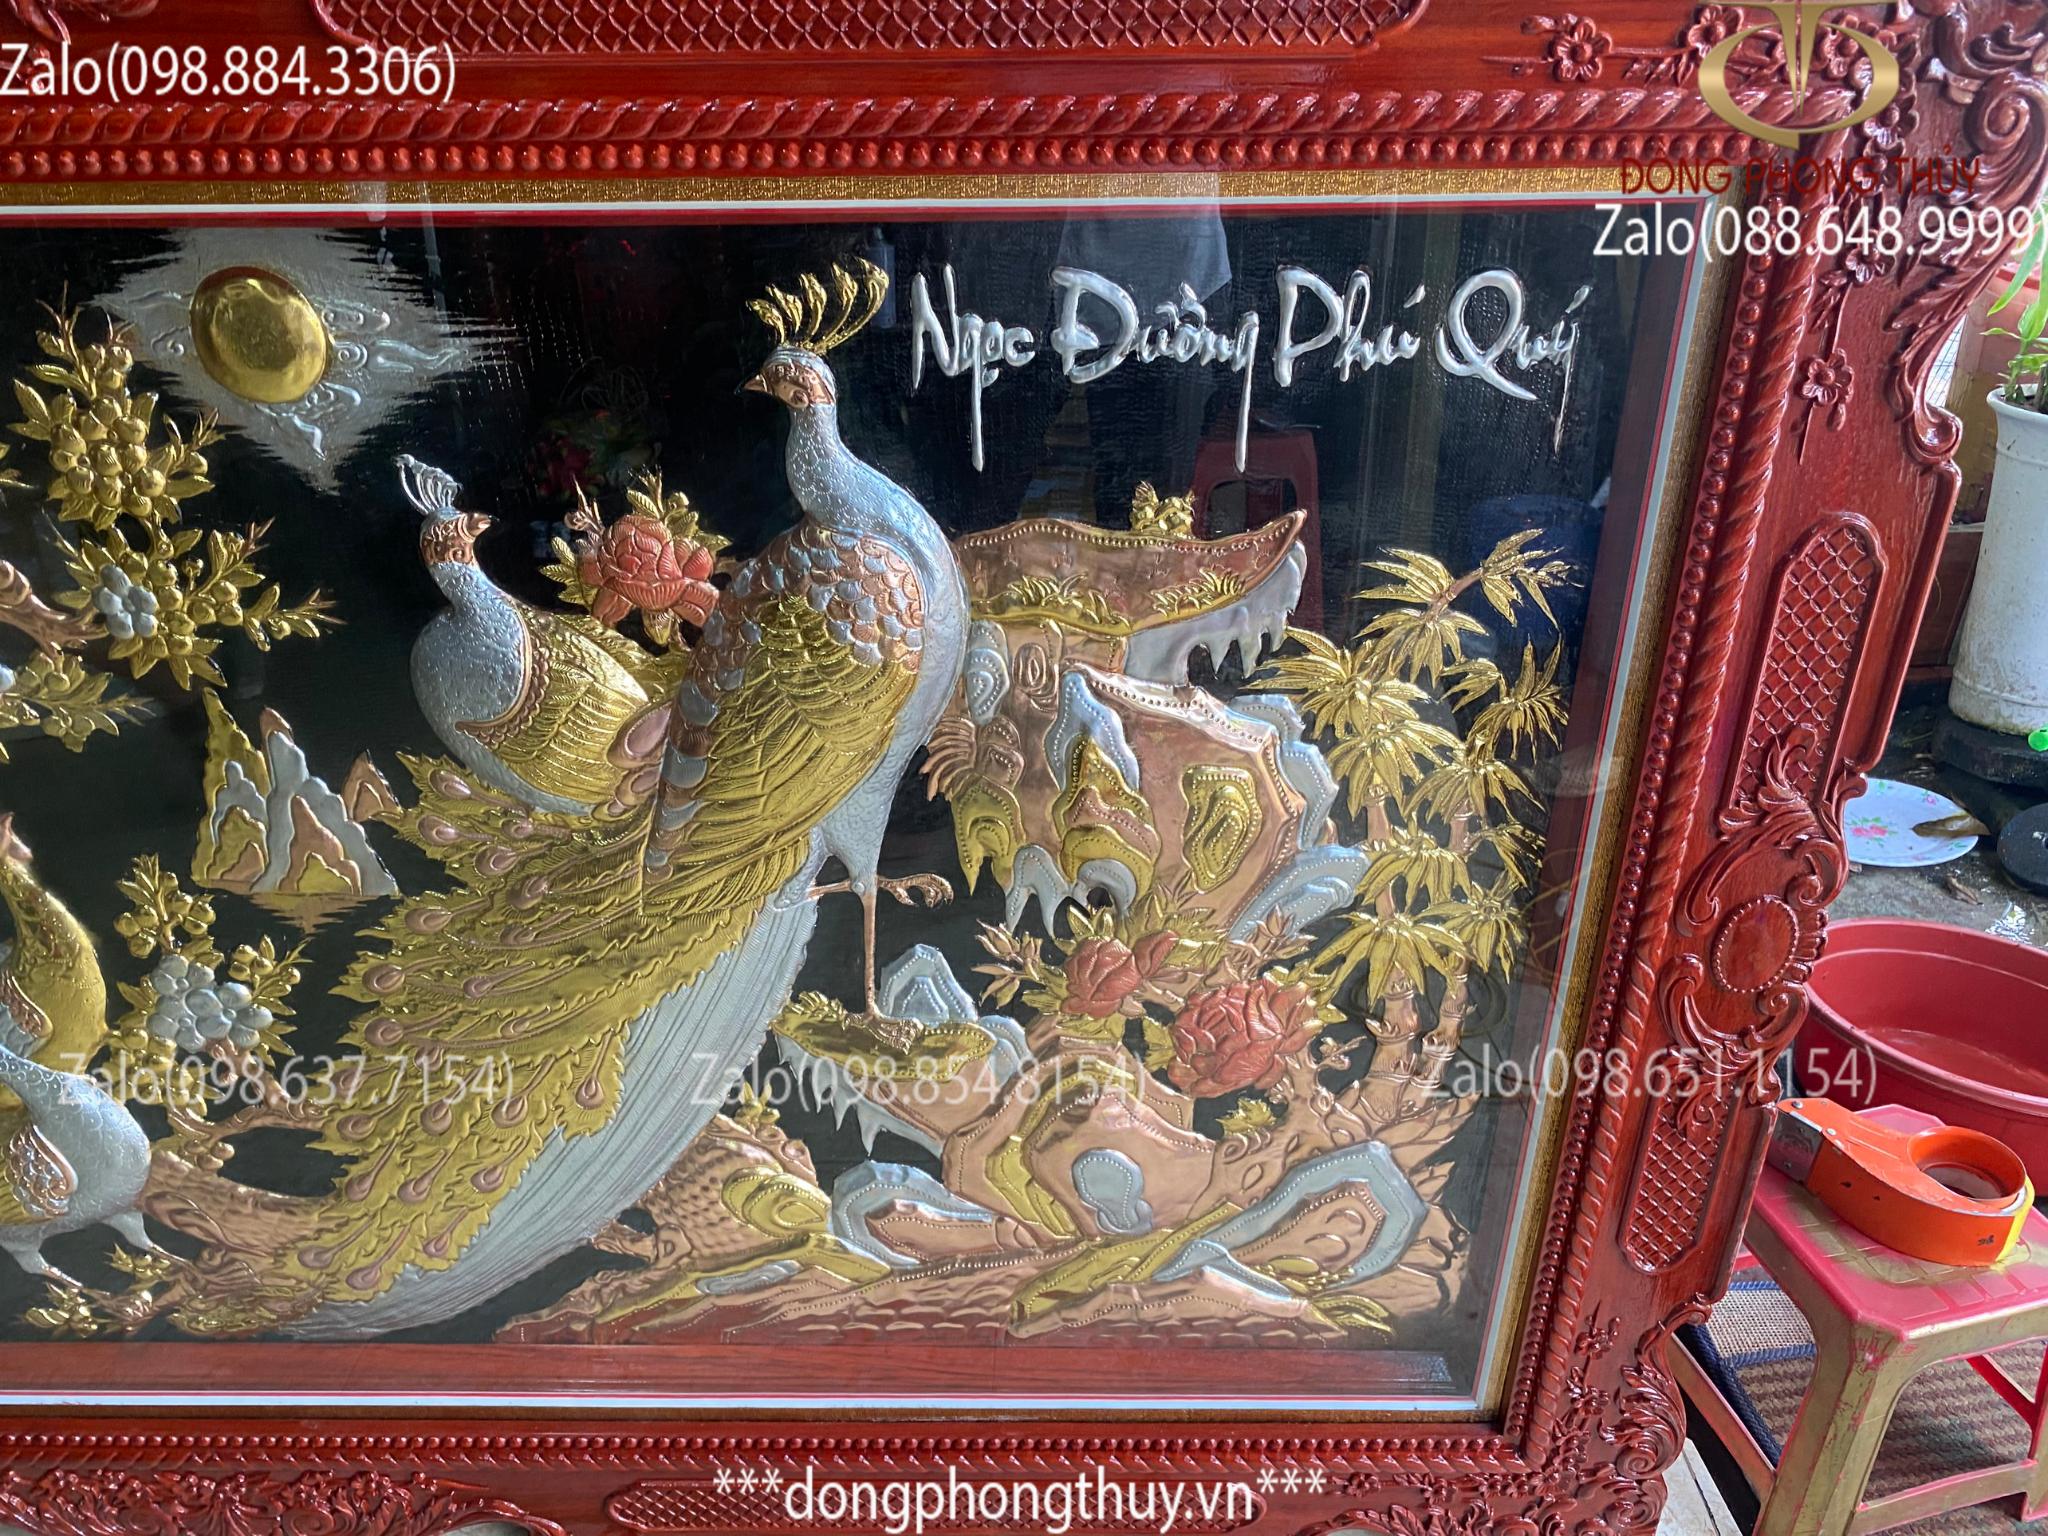 Tranh Ngọc Đường Phú quý bằng đồng khung gỗ Hương Đỏ 1m2*2m3